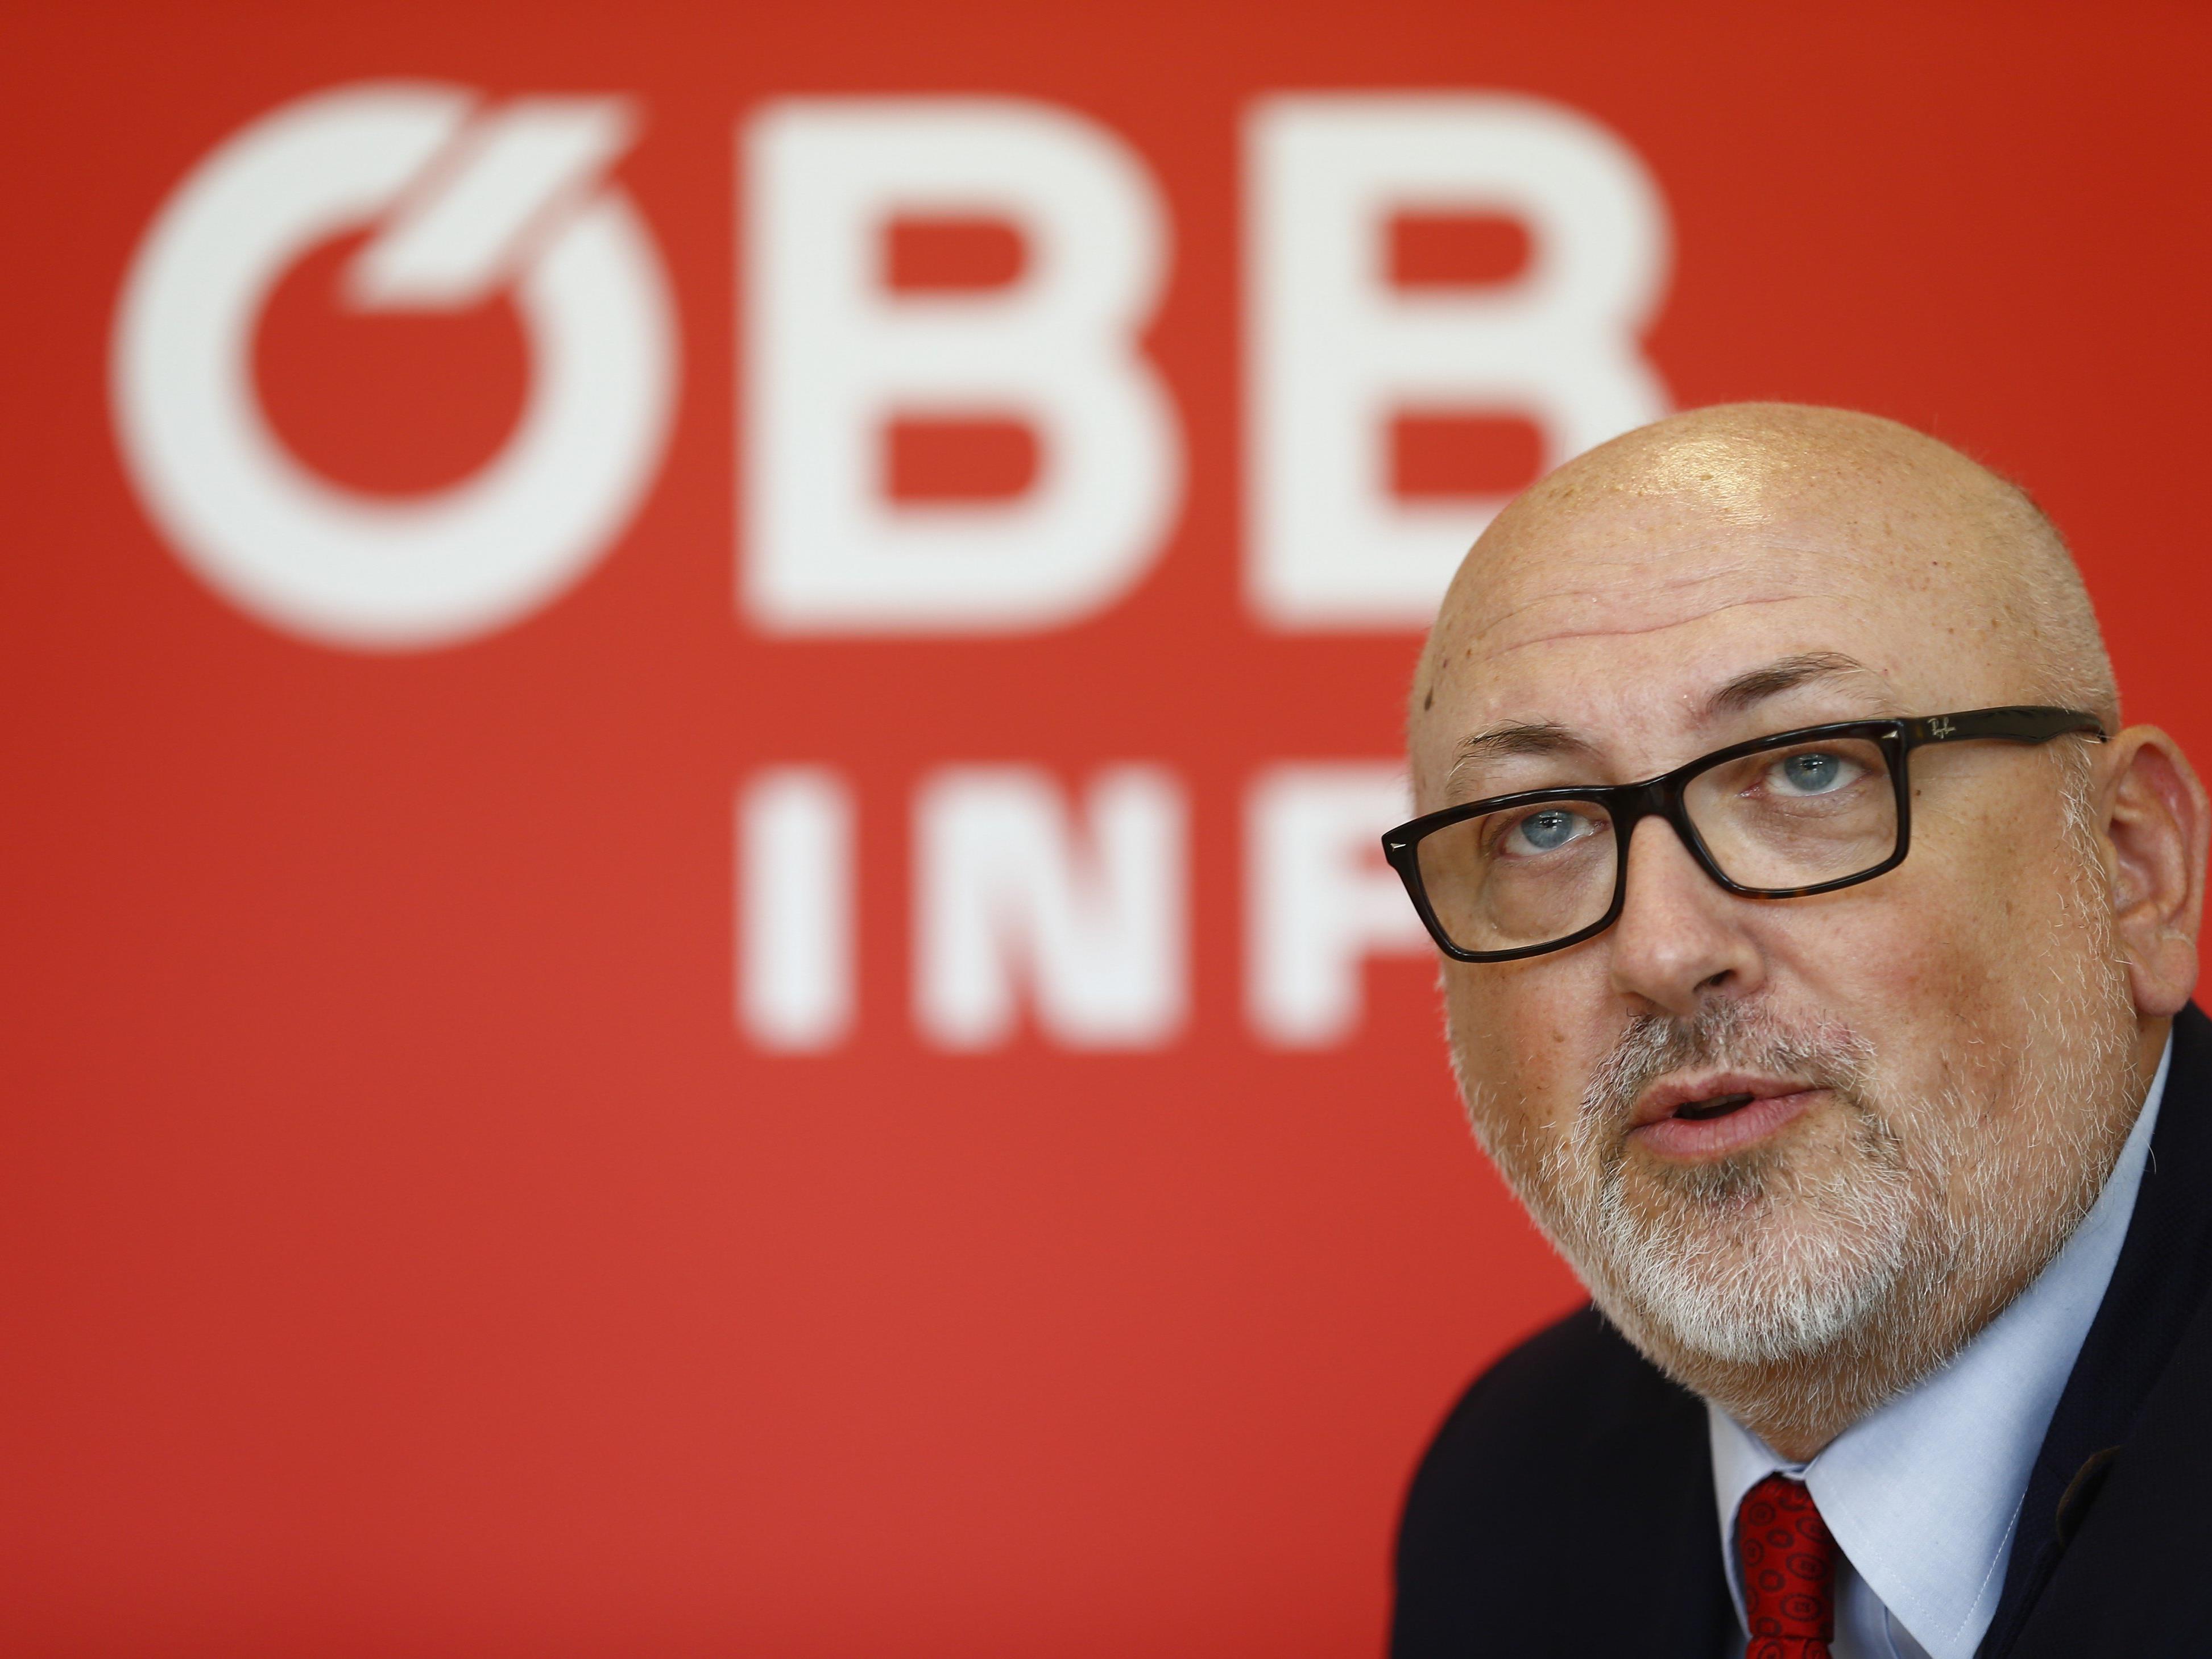 Die ÖBB stellen am heutigen Montag den Fahrplan für 2017 vor.